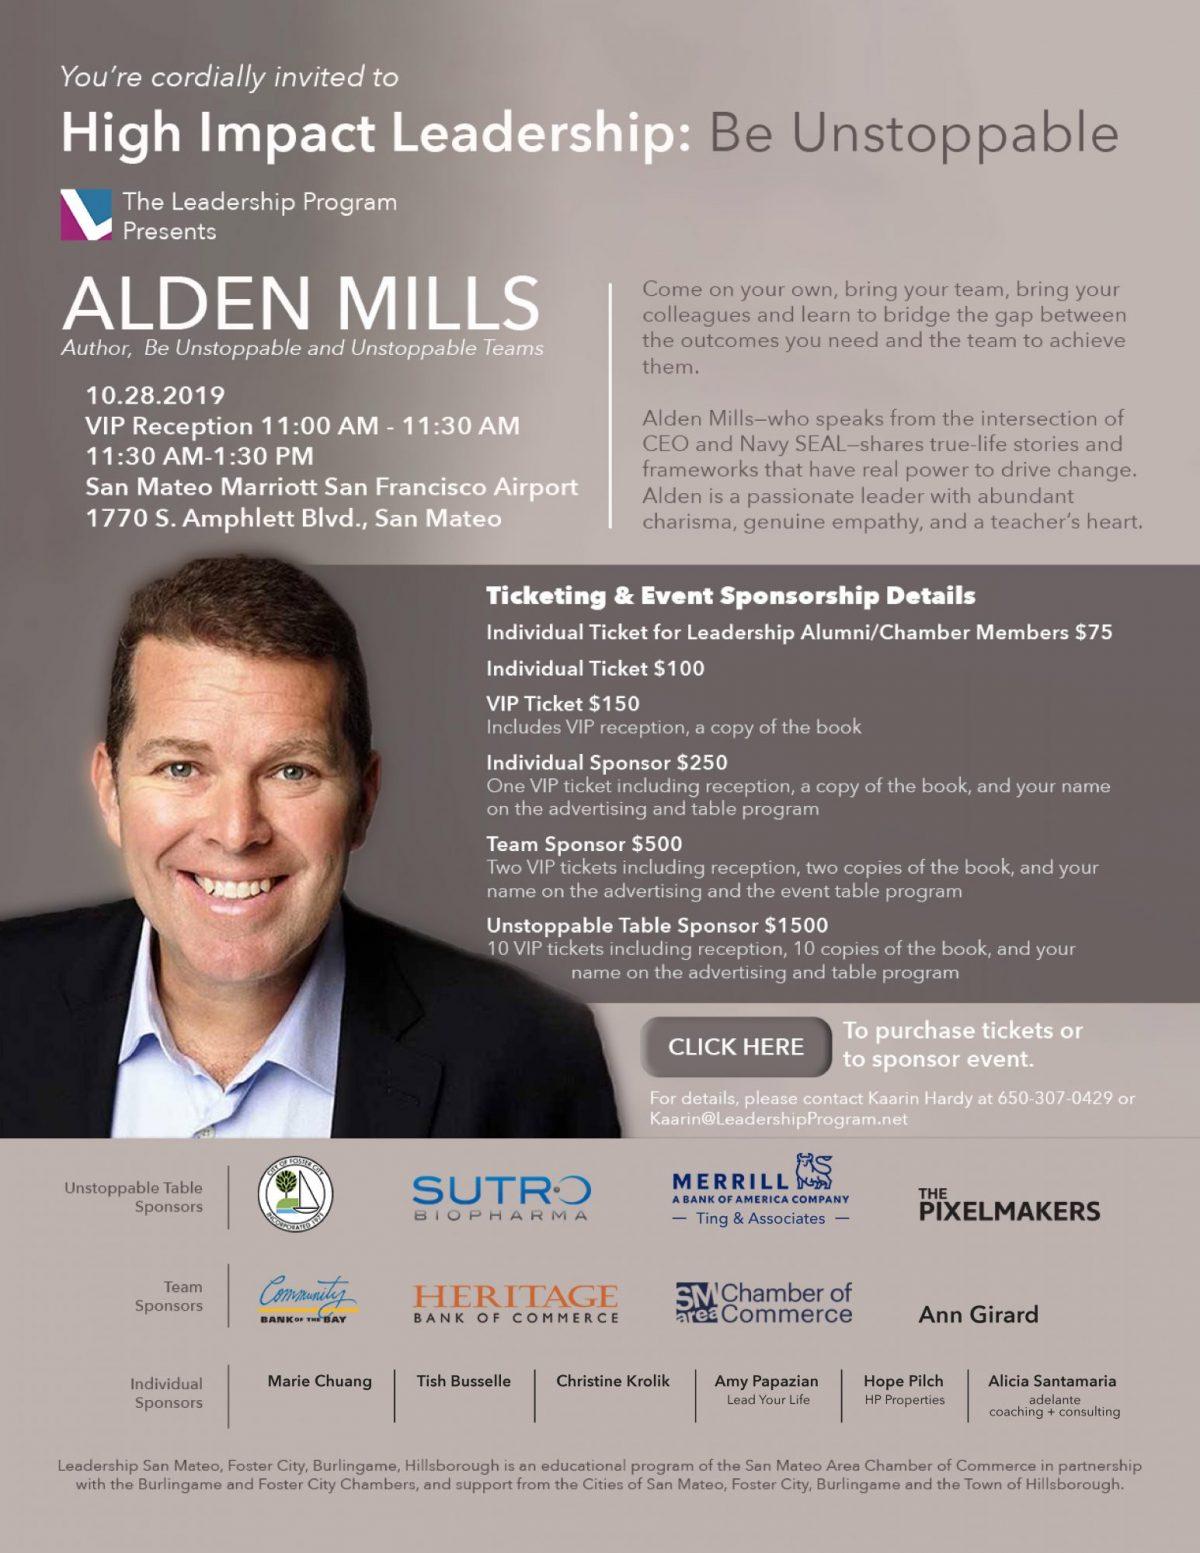 Alden Mills Invitation (20191001)